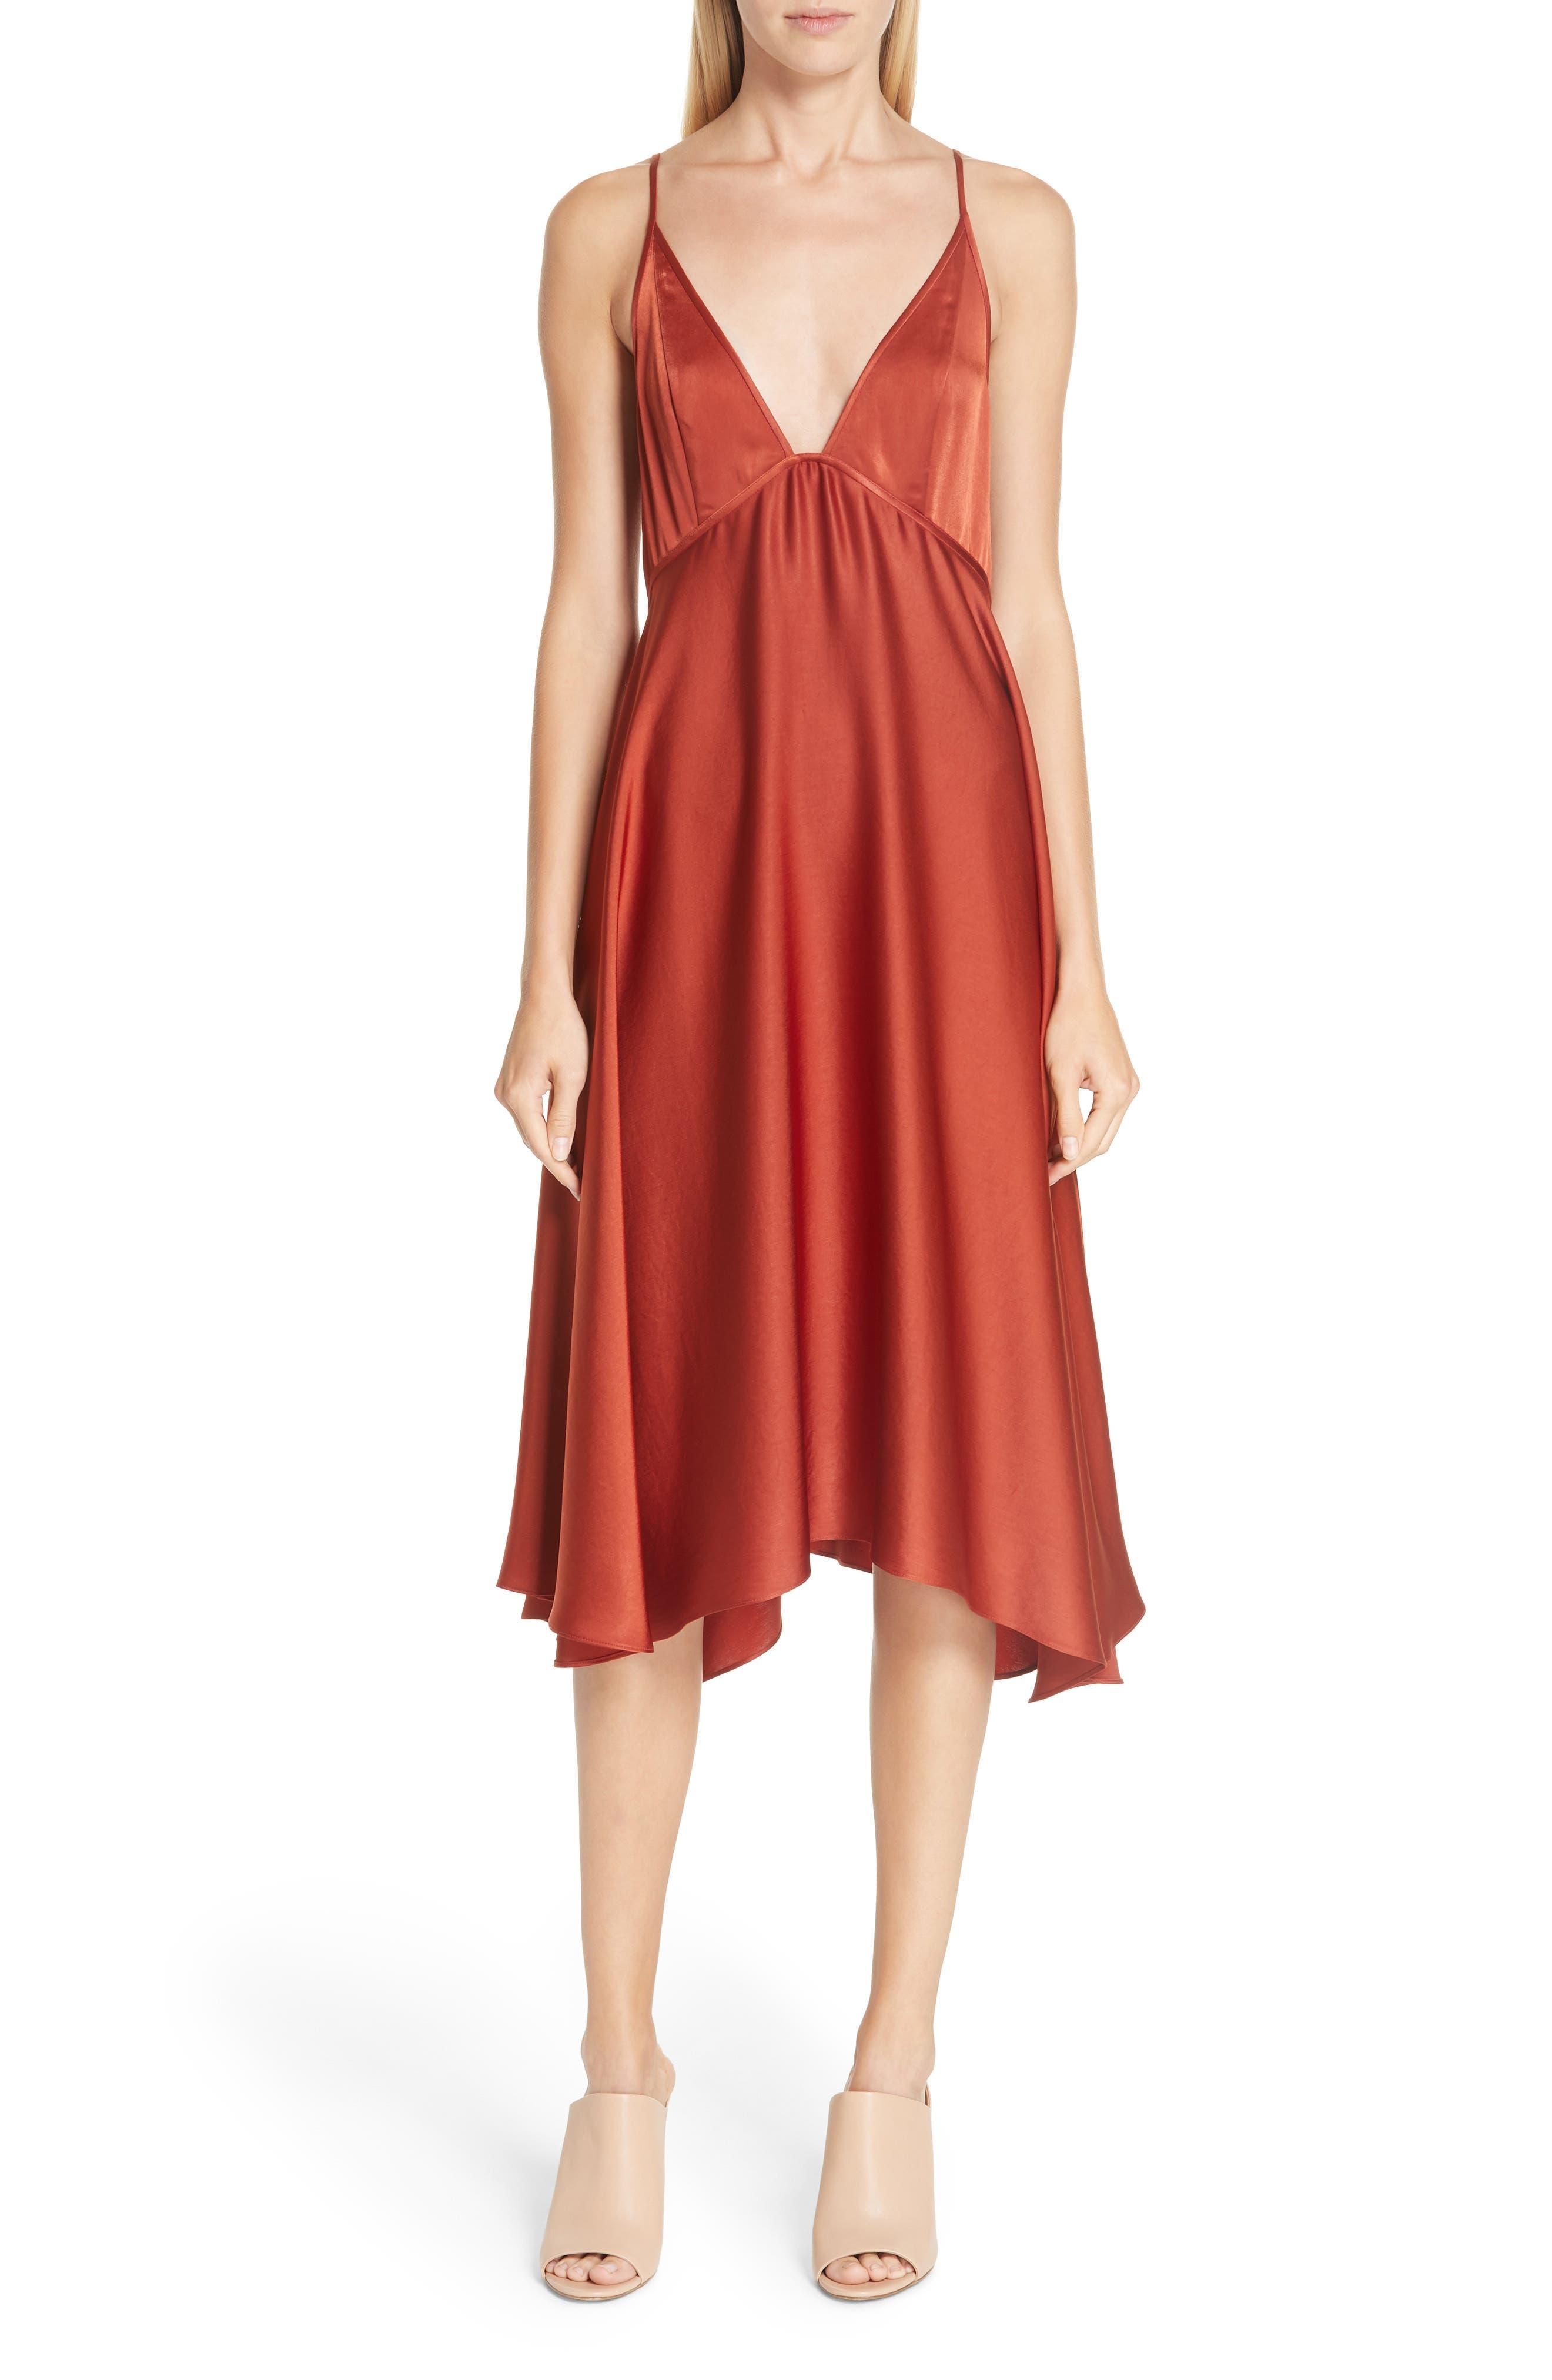 A.l.c. Sloane Satin Babydoll Dress